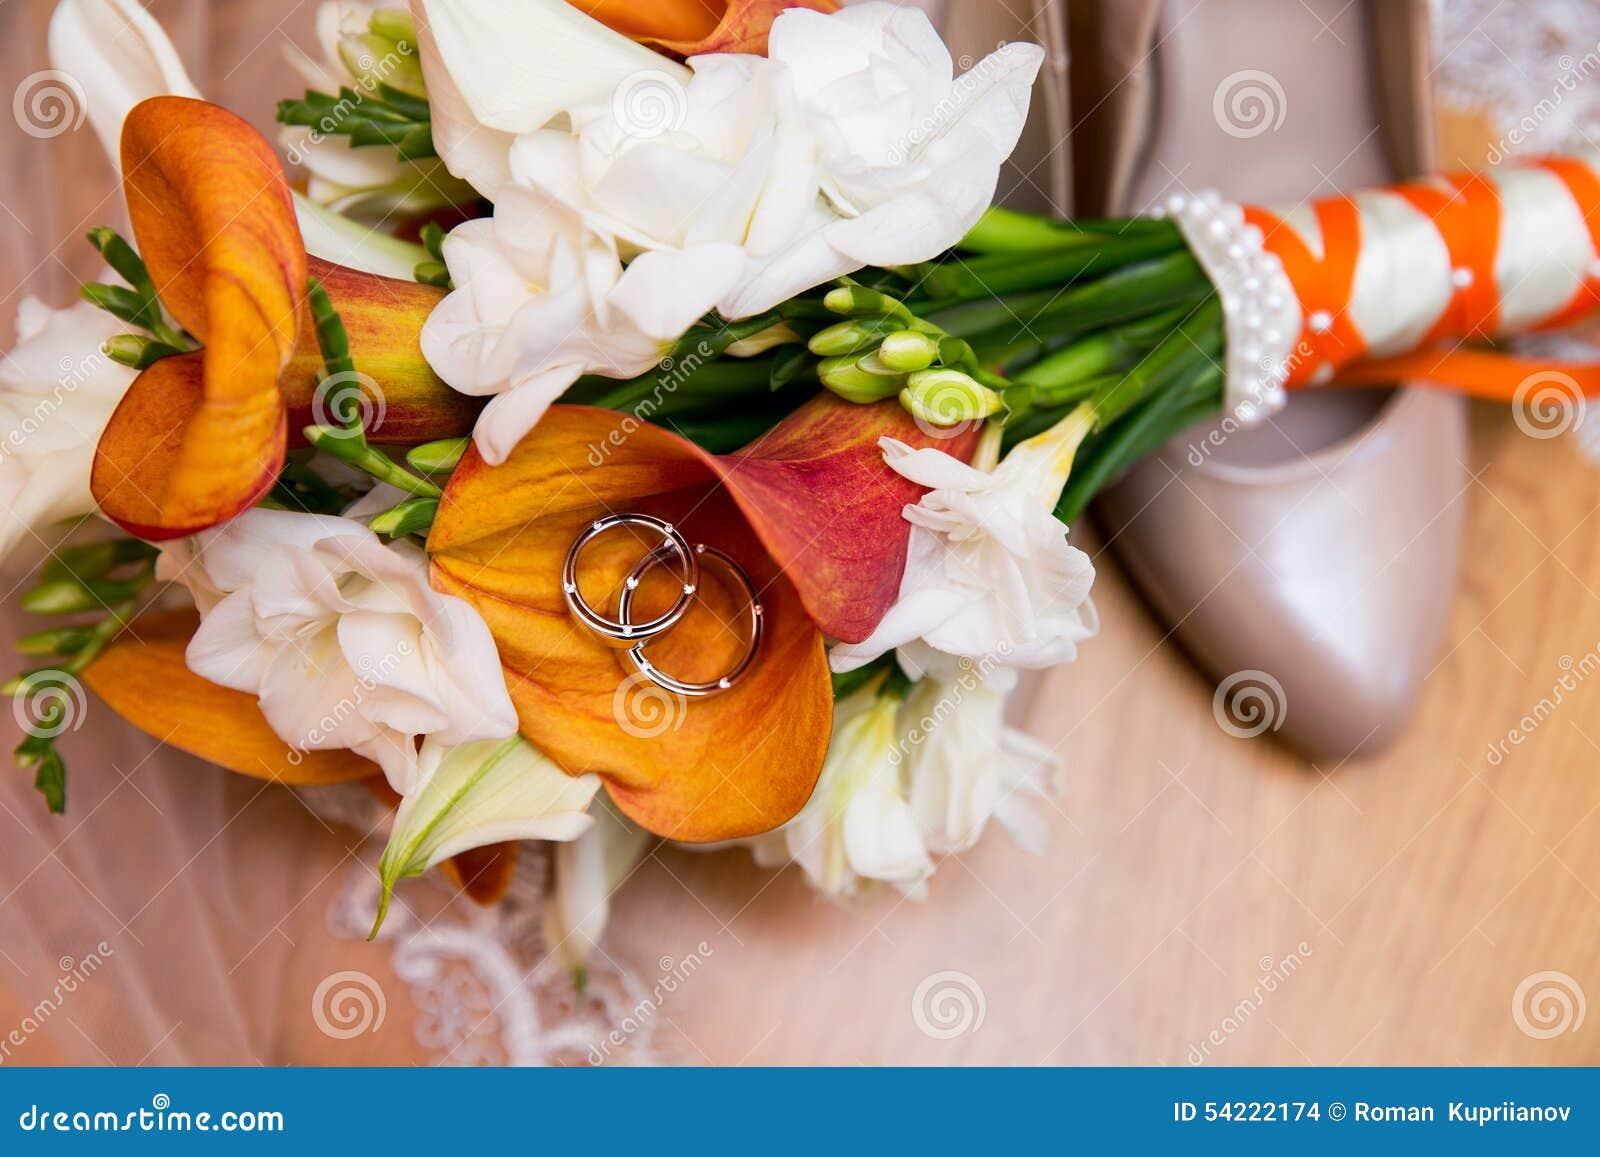 Eheringe mit Blumenstrauß und Schuhen